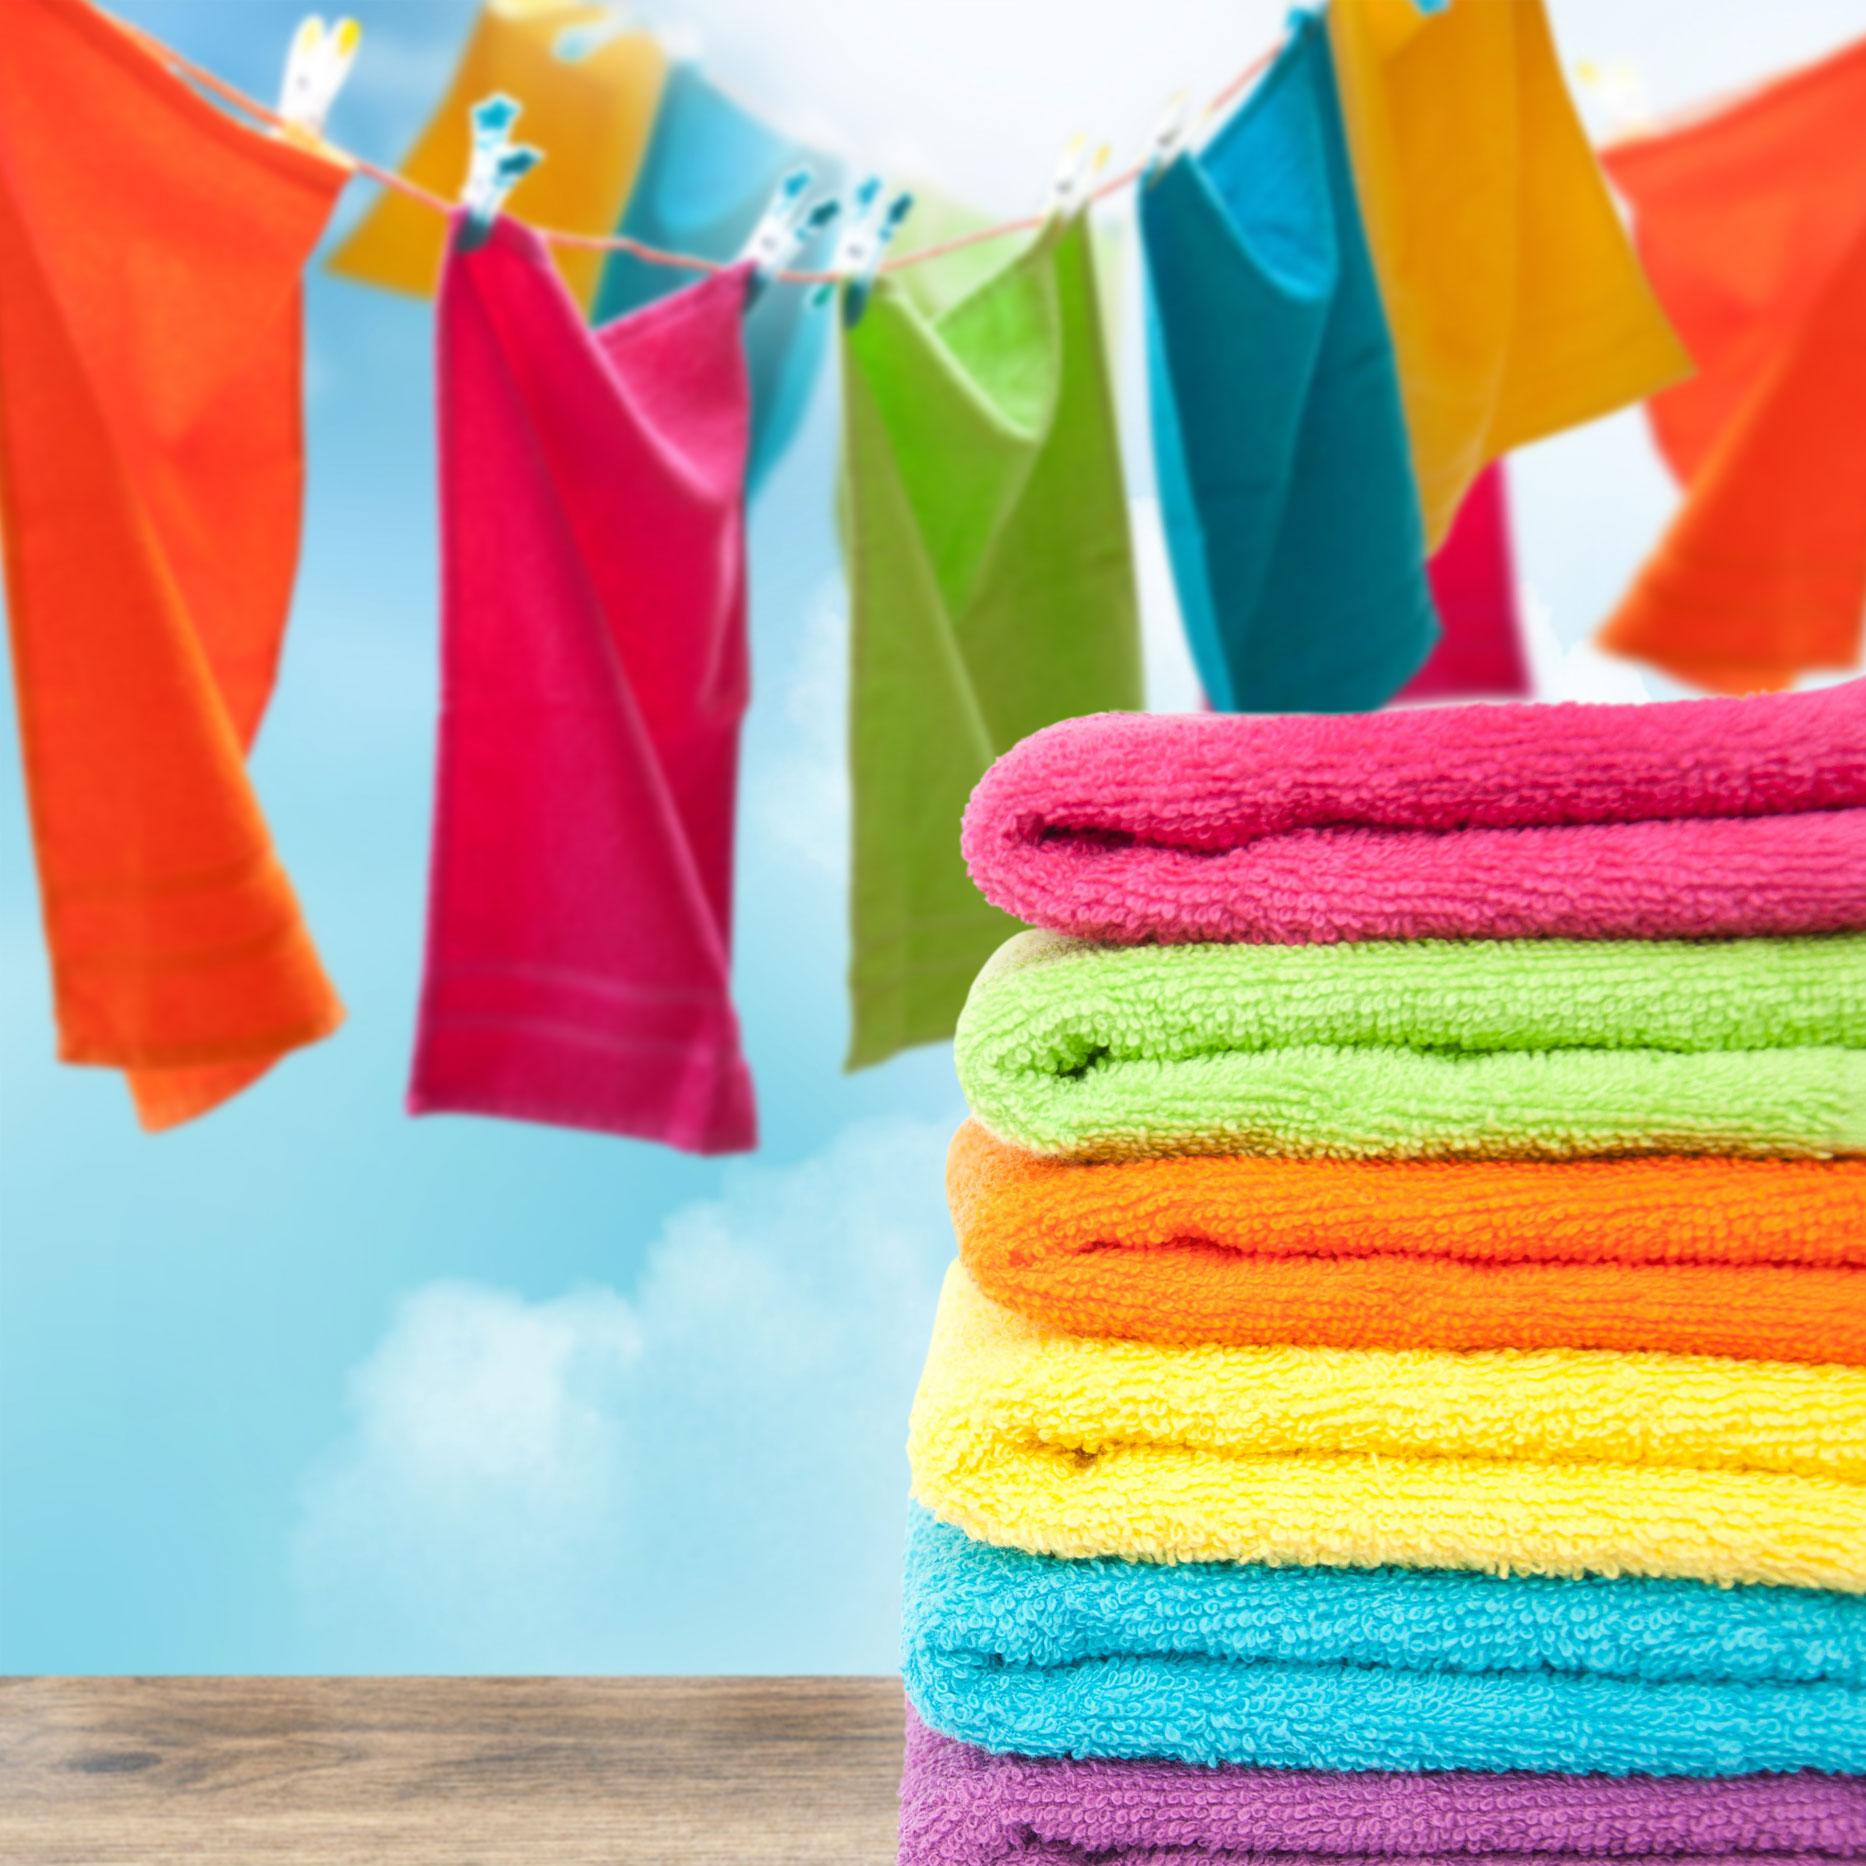 Come Lavare Il Lino colori super brillanti? ecco come lavare i panni colorati scala